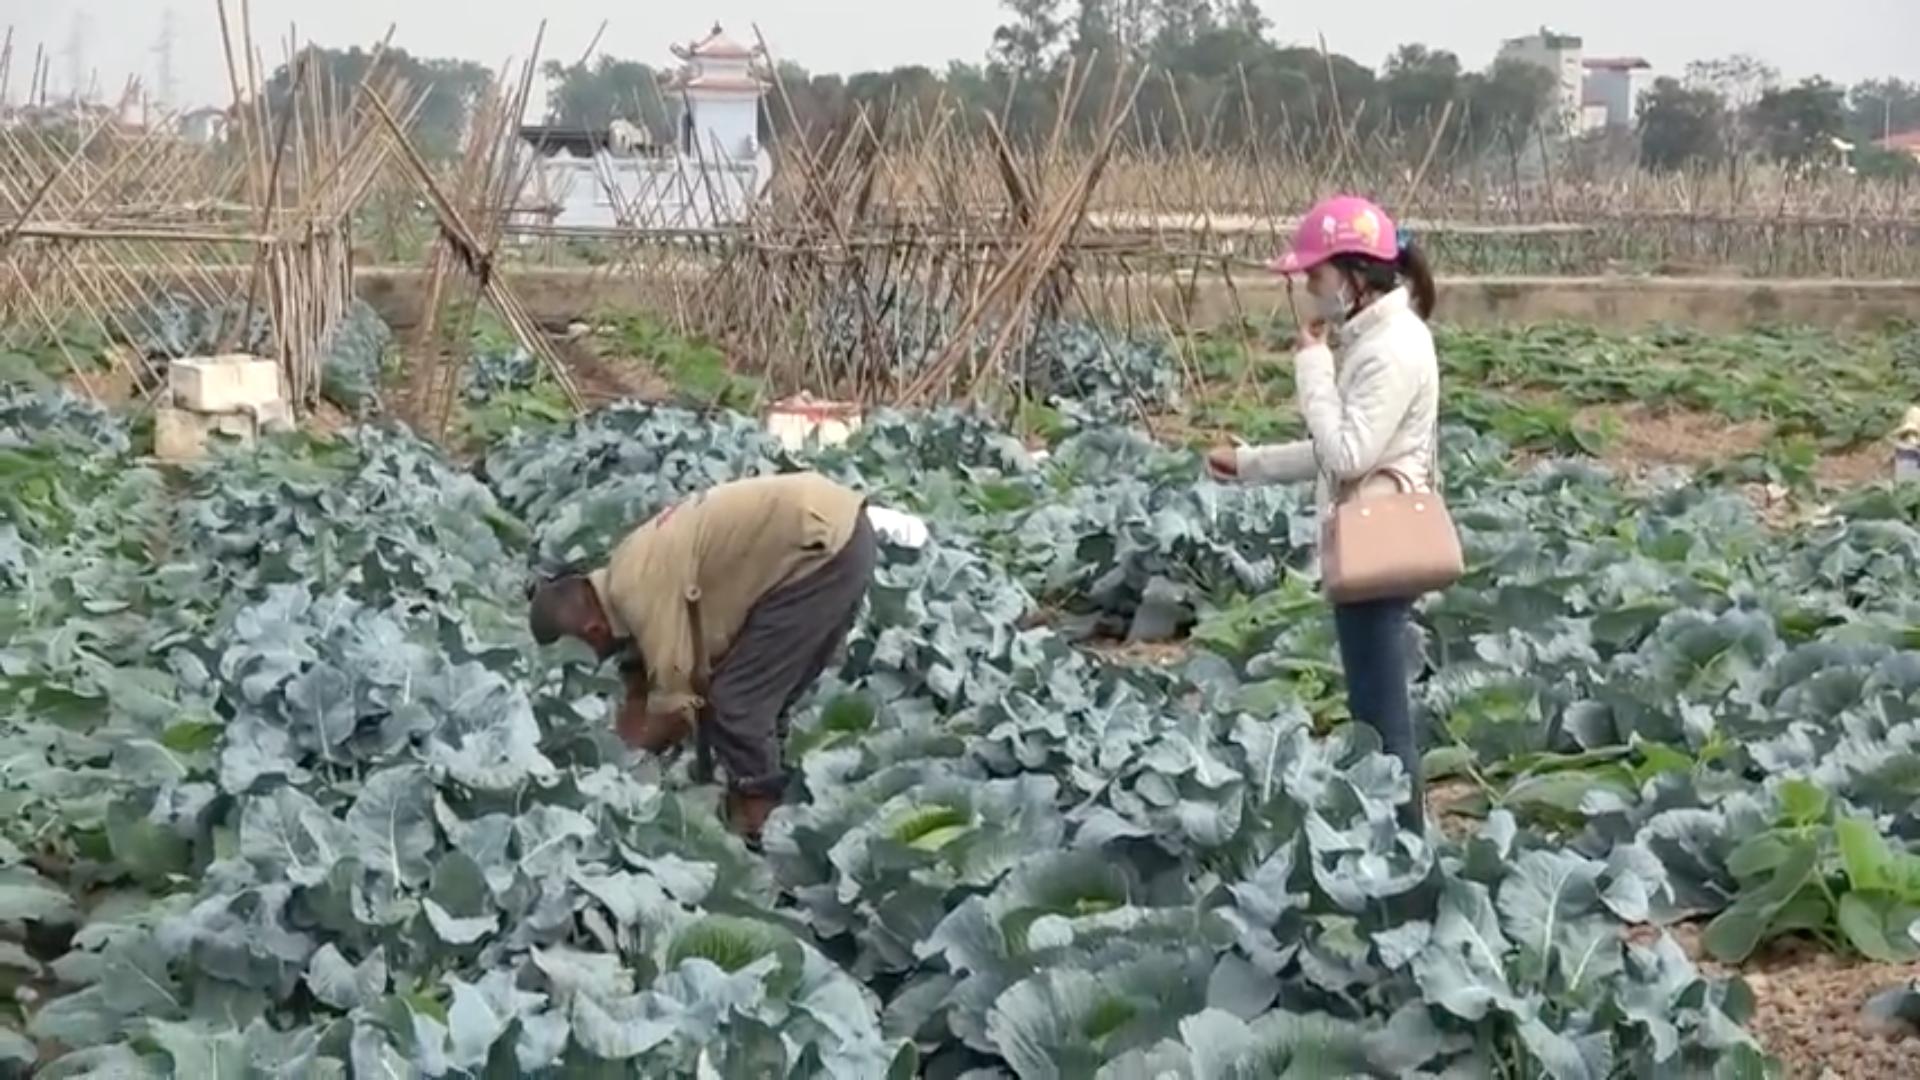 Hình ảnh Phóng sự của ANTV: Kinh hoàng rau sạch tưới nước thải độc hại tại Hà Nội số 5